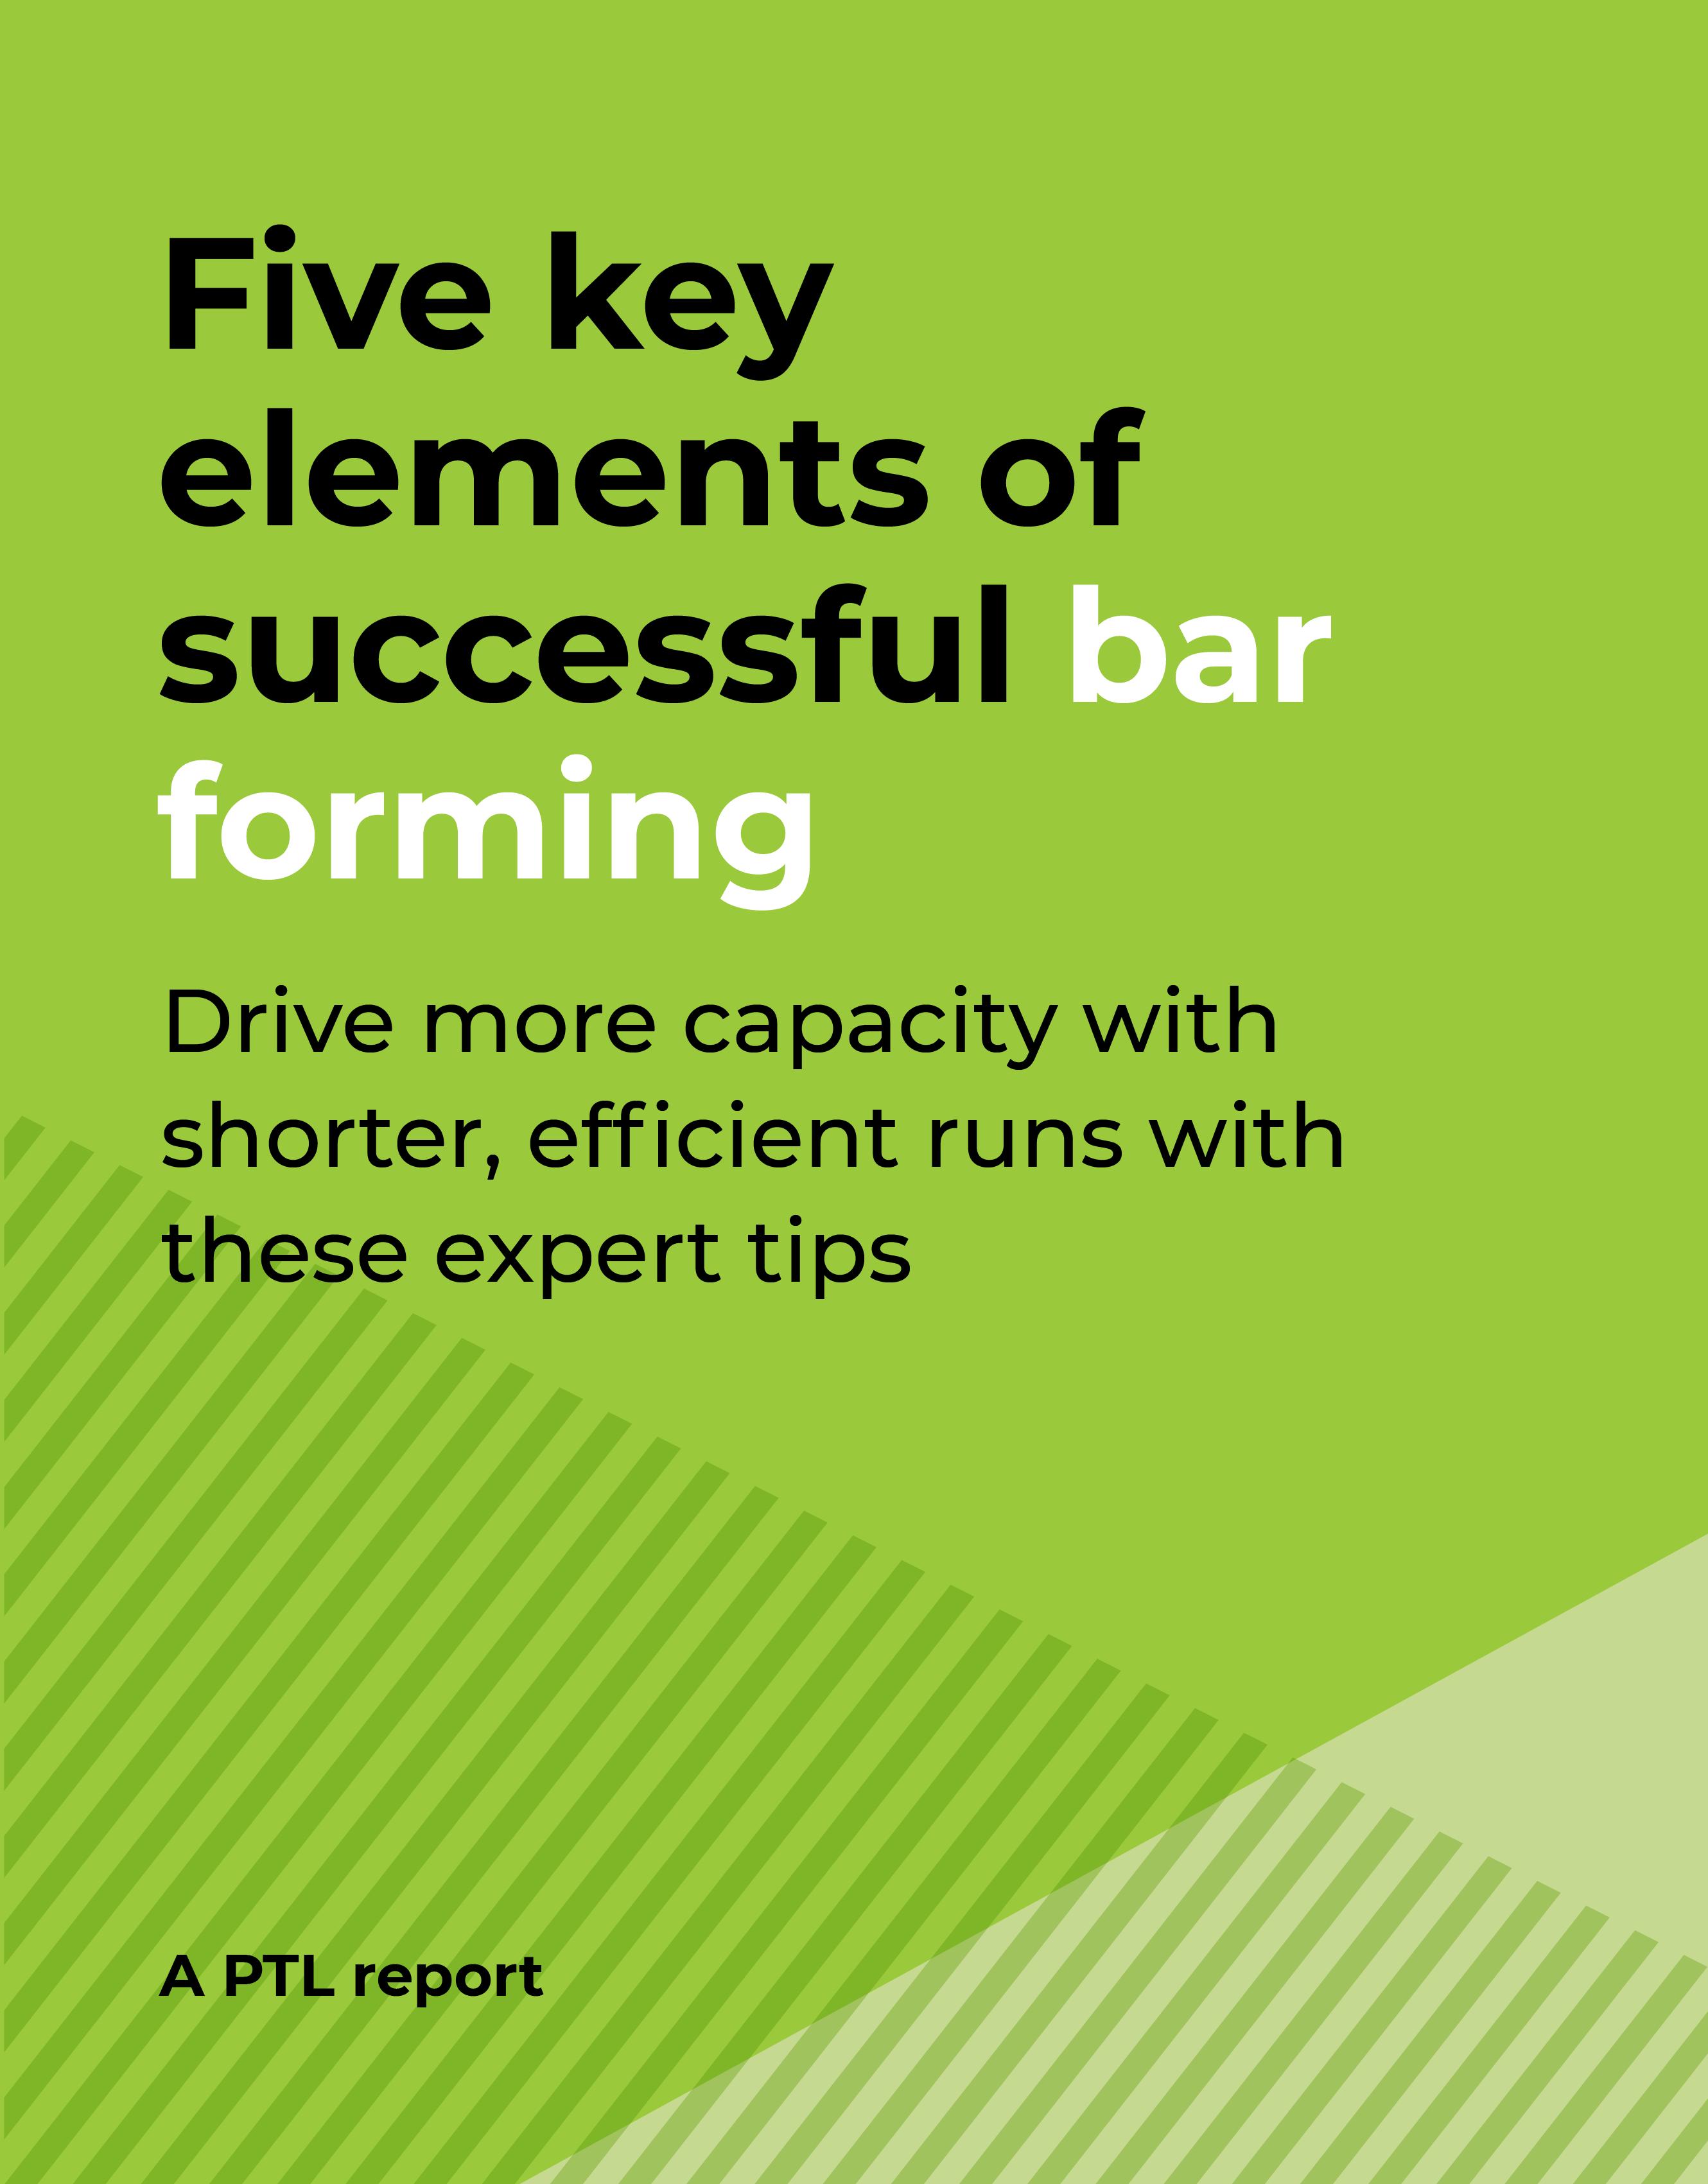 5 key elements-03